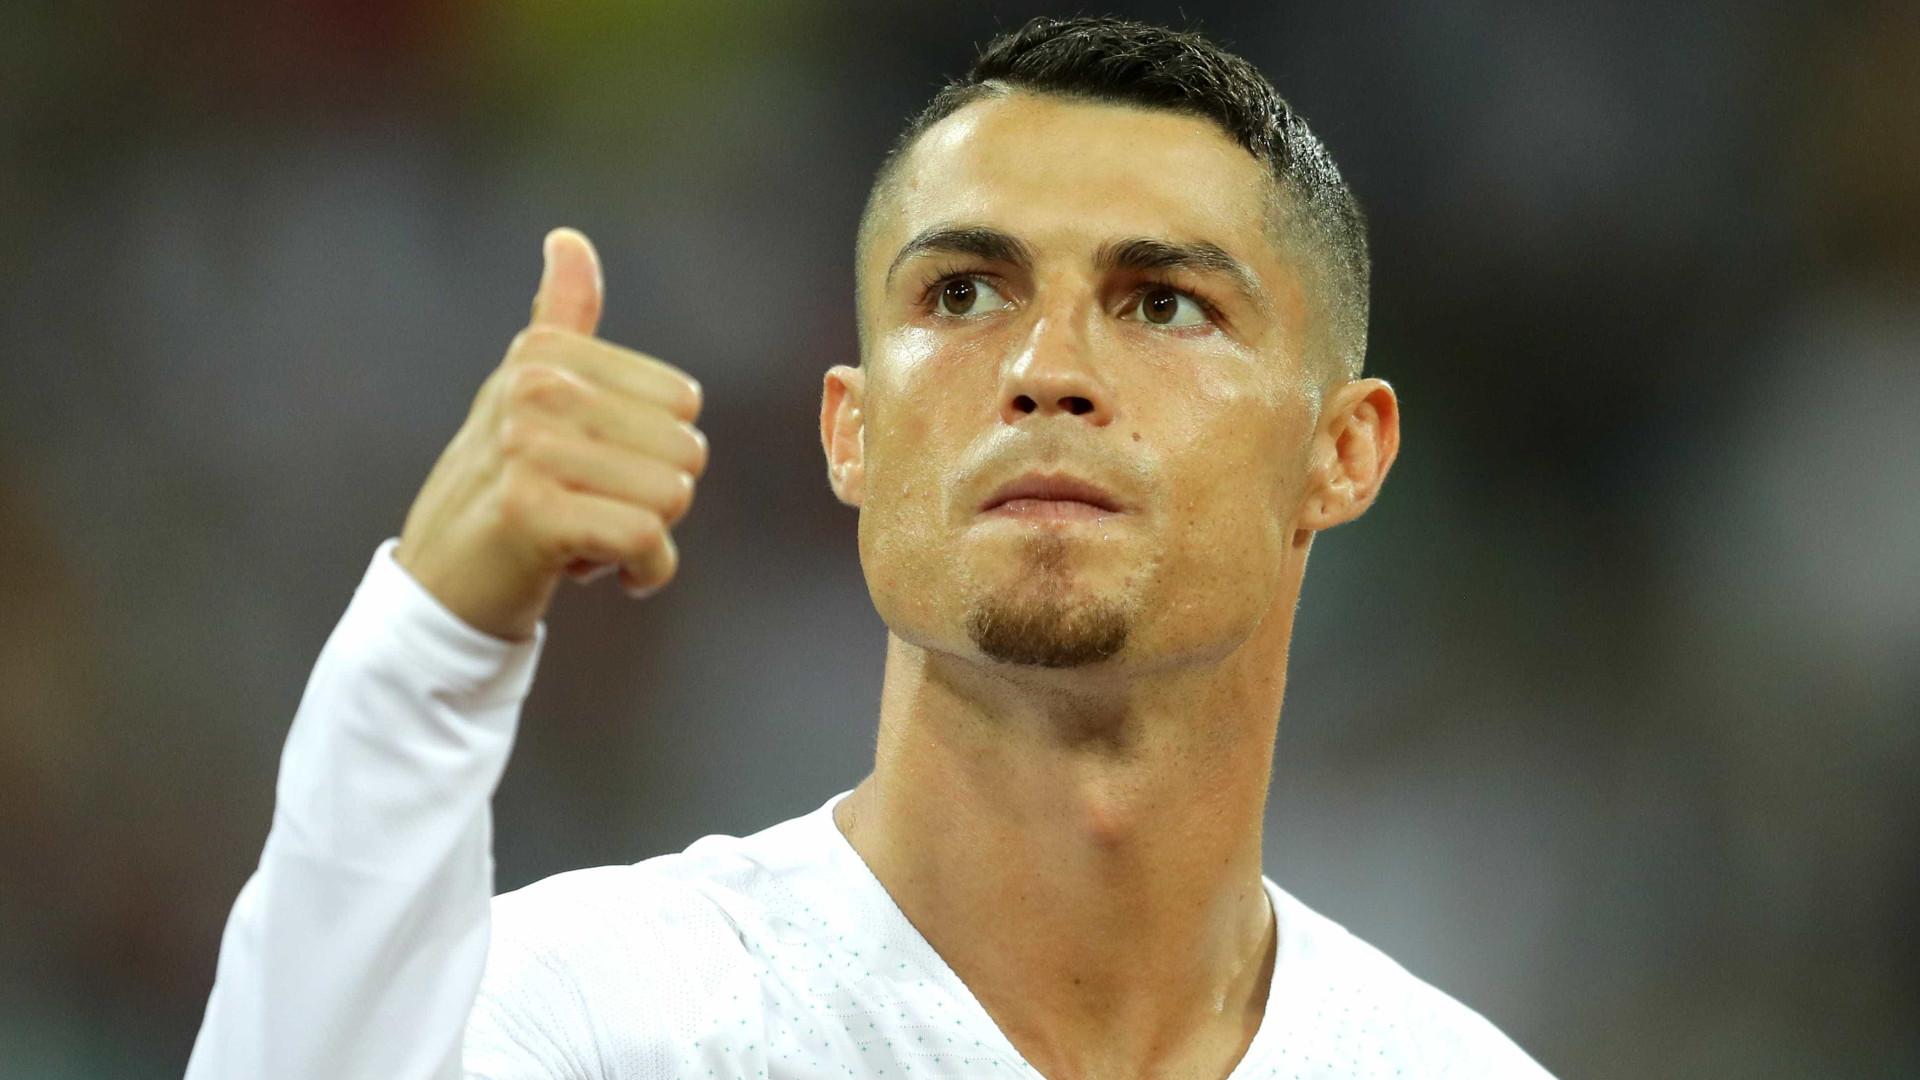 Oficial: Cristiano Ronaldo deixa o Real Madrid e acerta com a Juventus